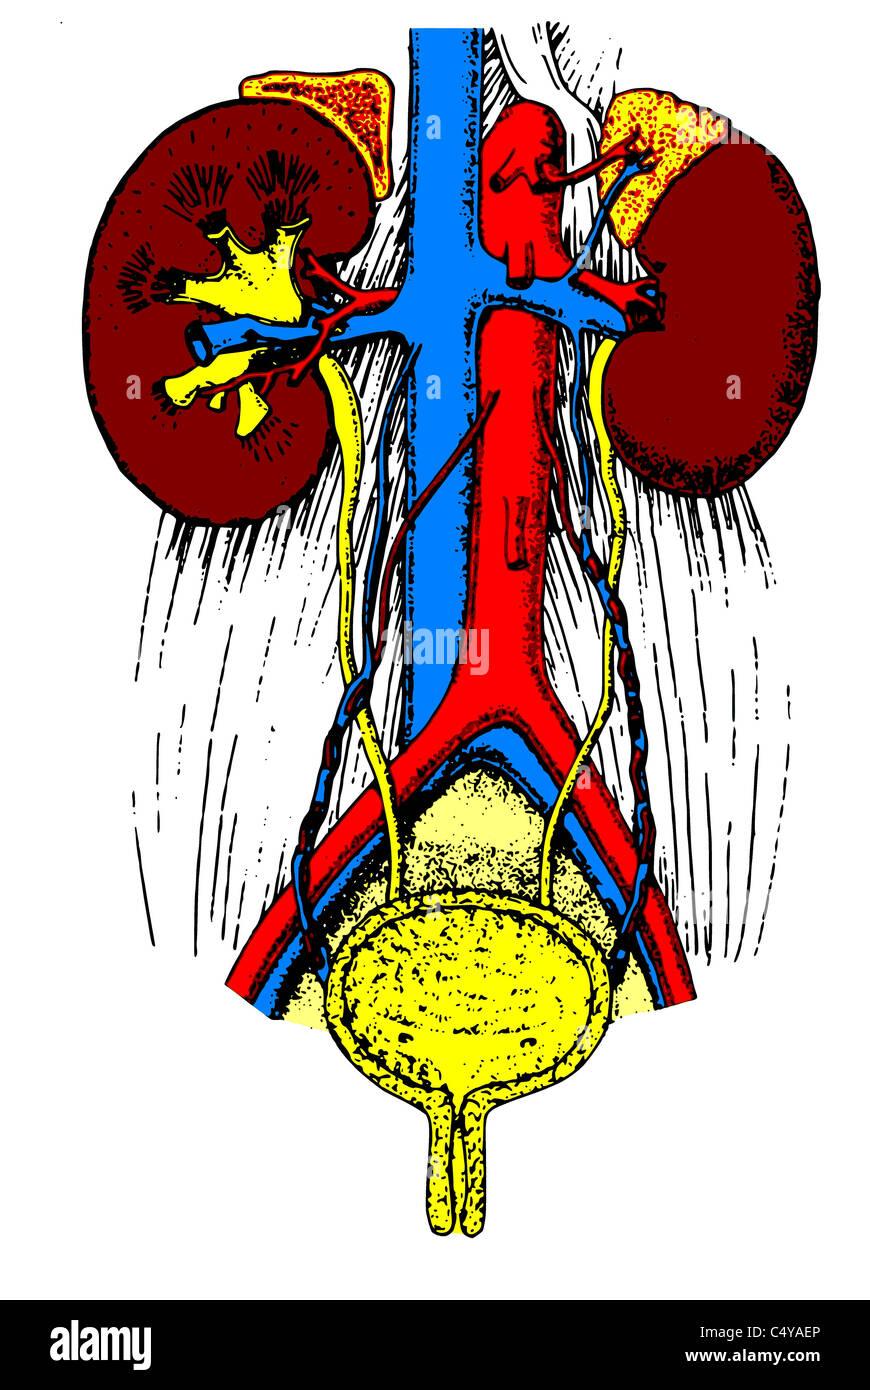 Left Adrenal Vein Stock Photos & Left Adrenal Vein Stock Images - Alamy